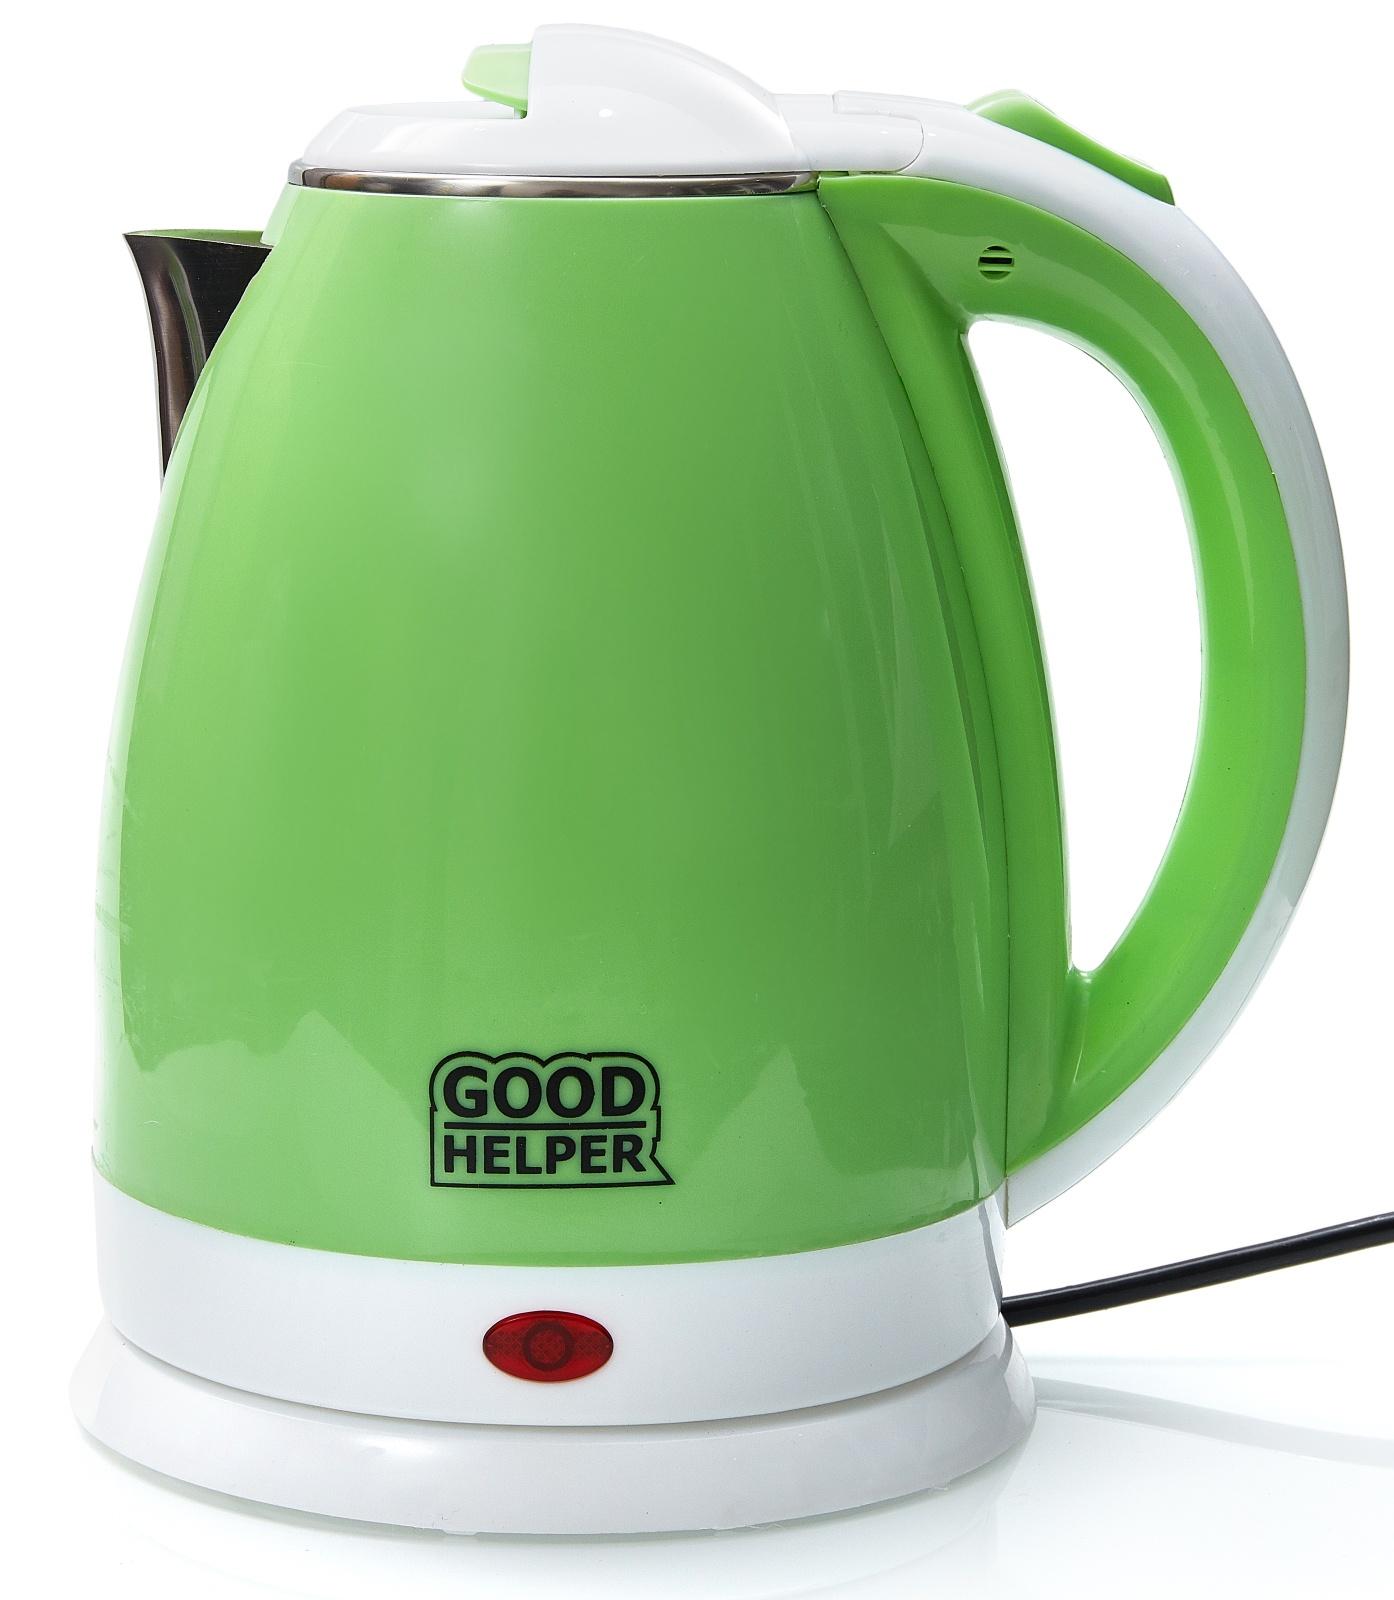 Электрический чайник GOODHELPER Чайник электрический GOODHELPER KPS-180C зеленый, KPS-180C зеленый goodhelper kps 180c зеленый